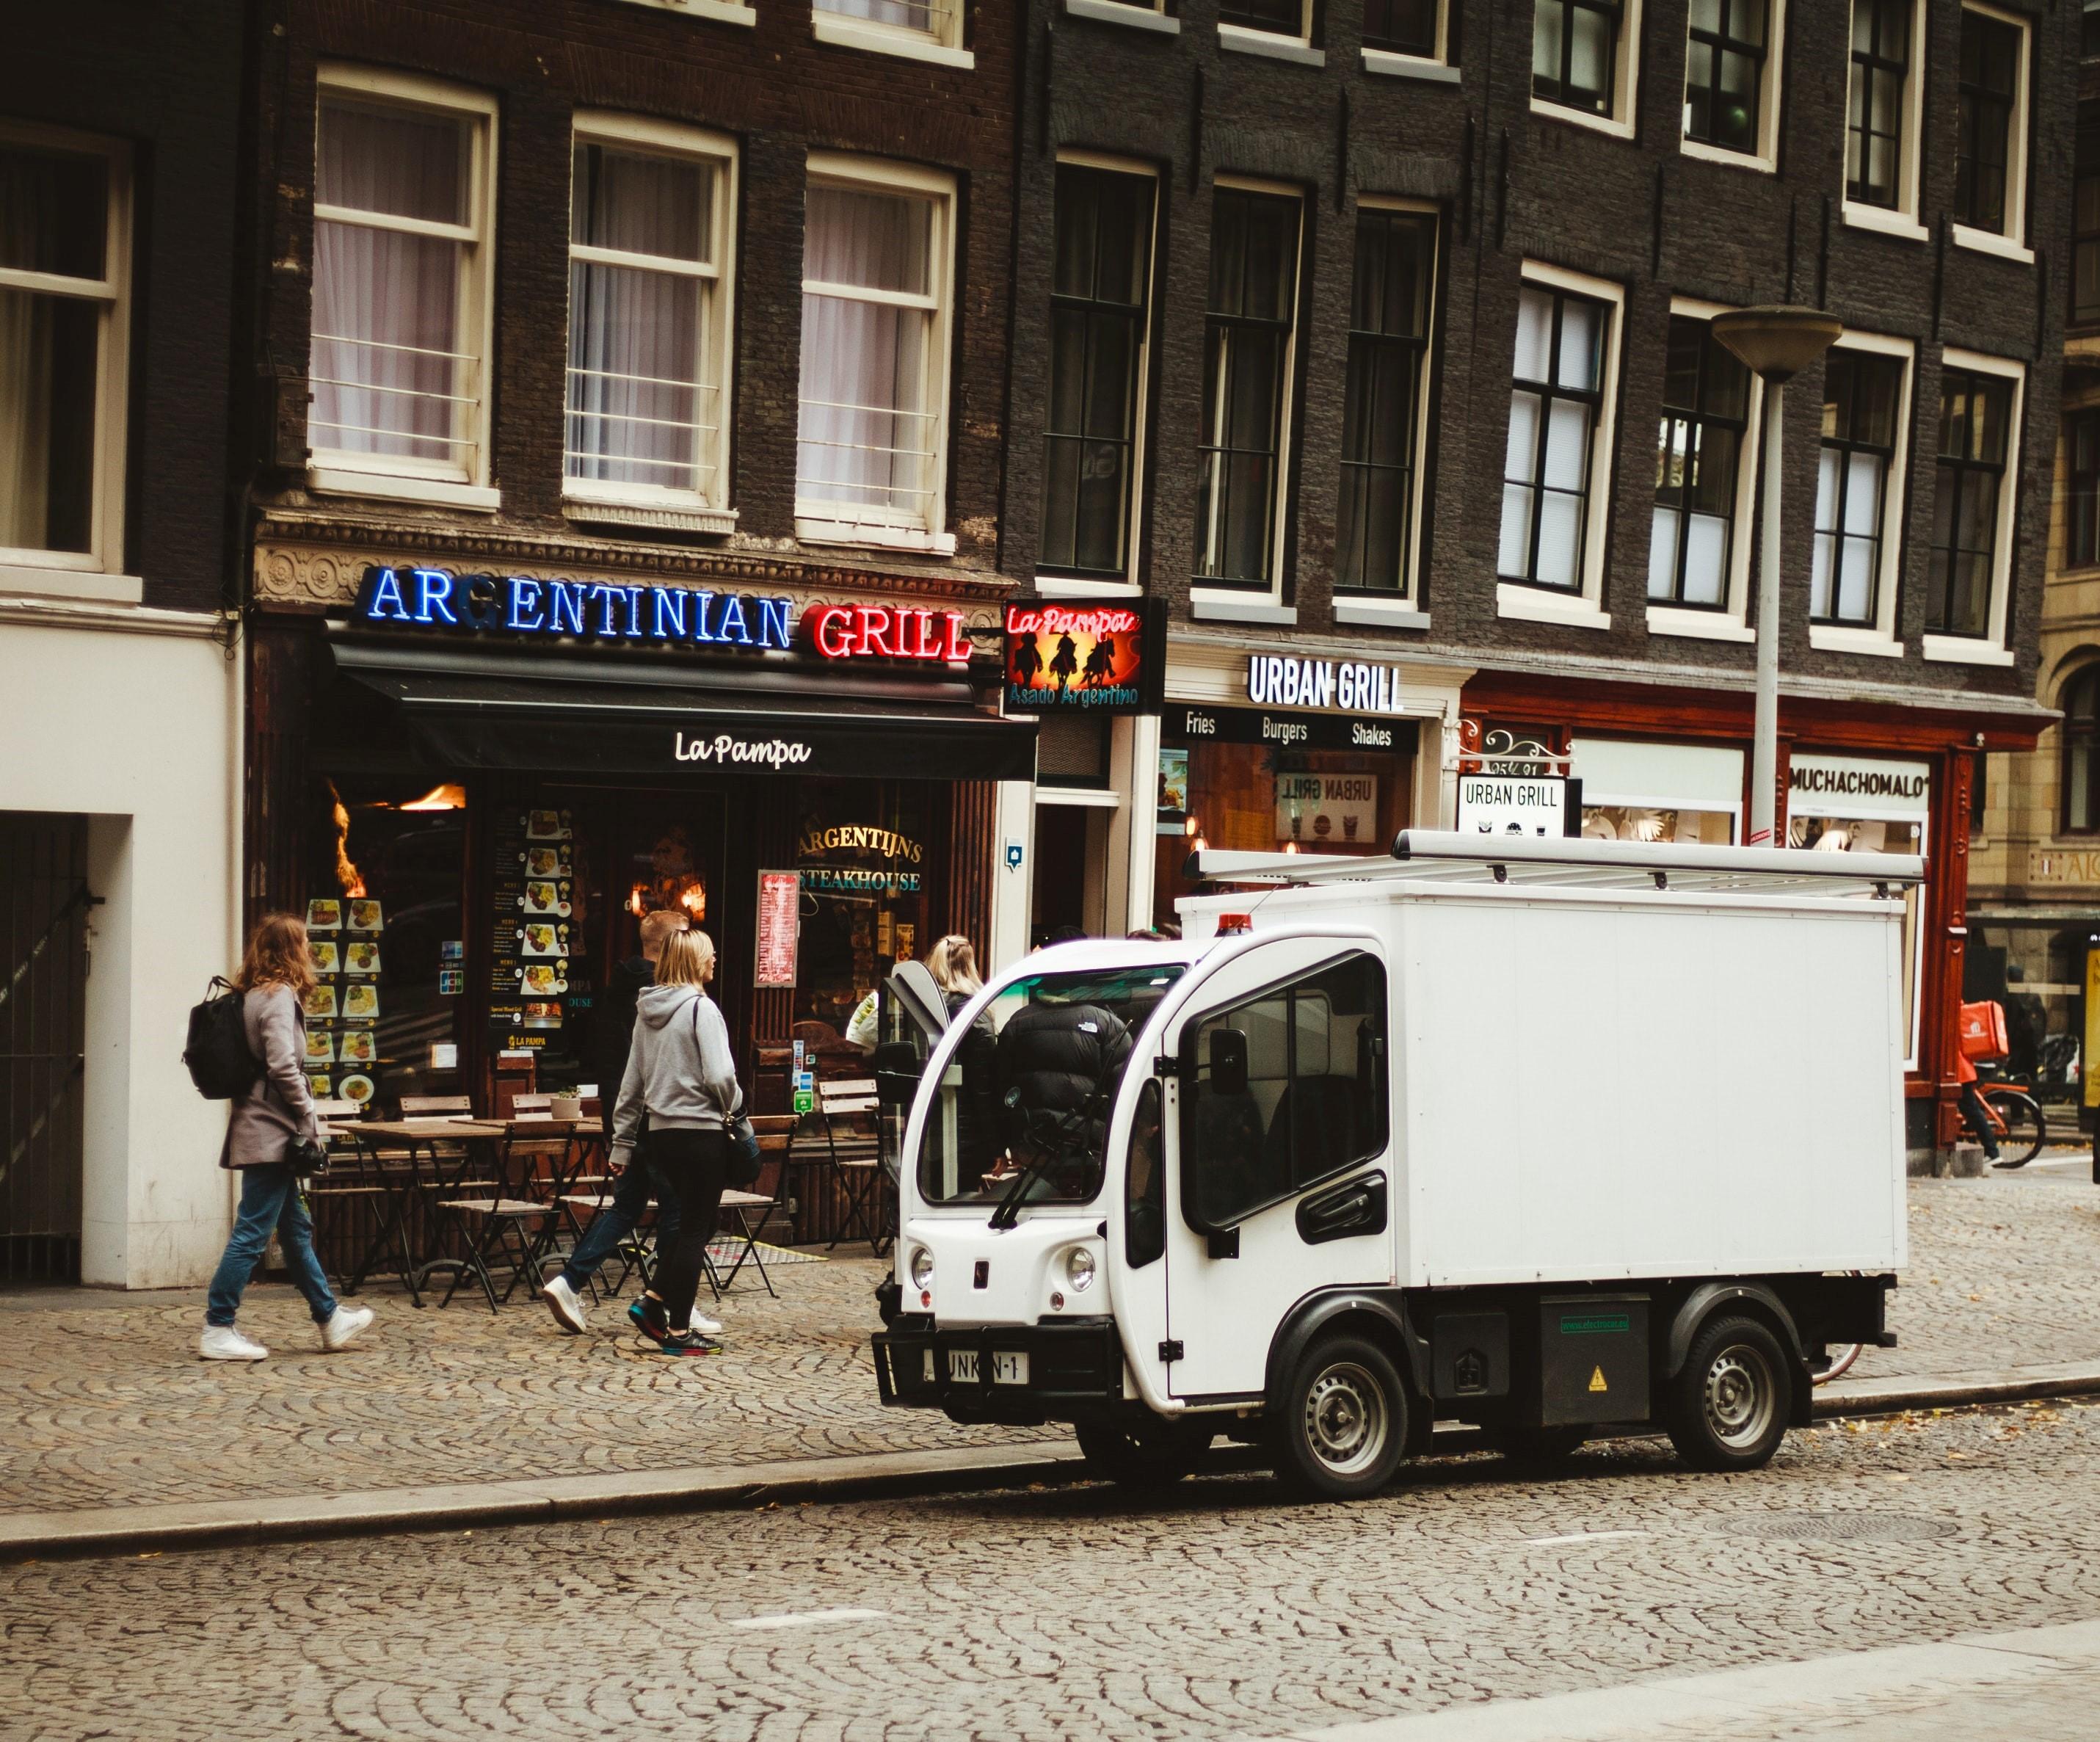 Un véhicule léger devant un restaurant